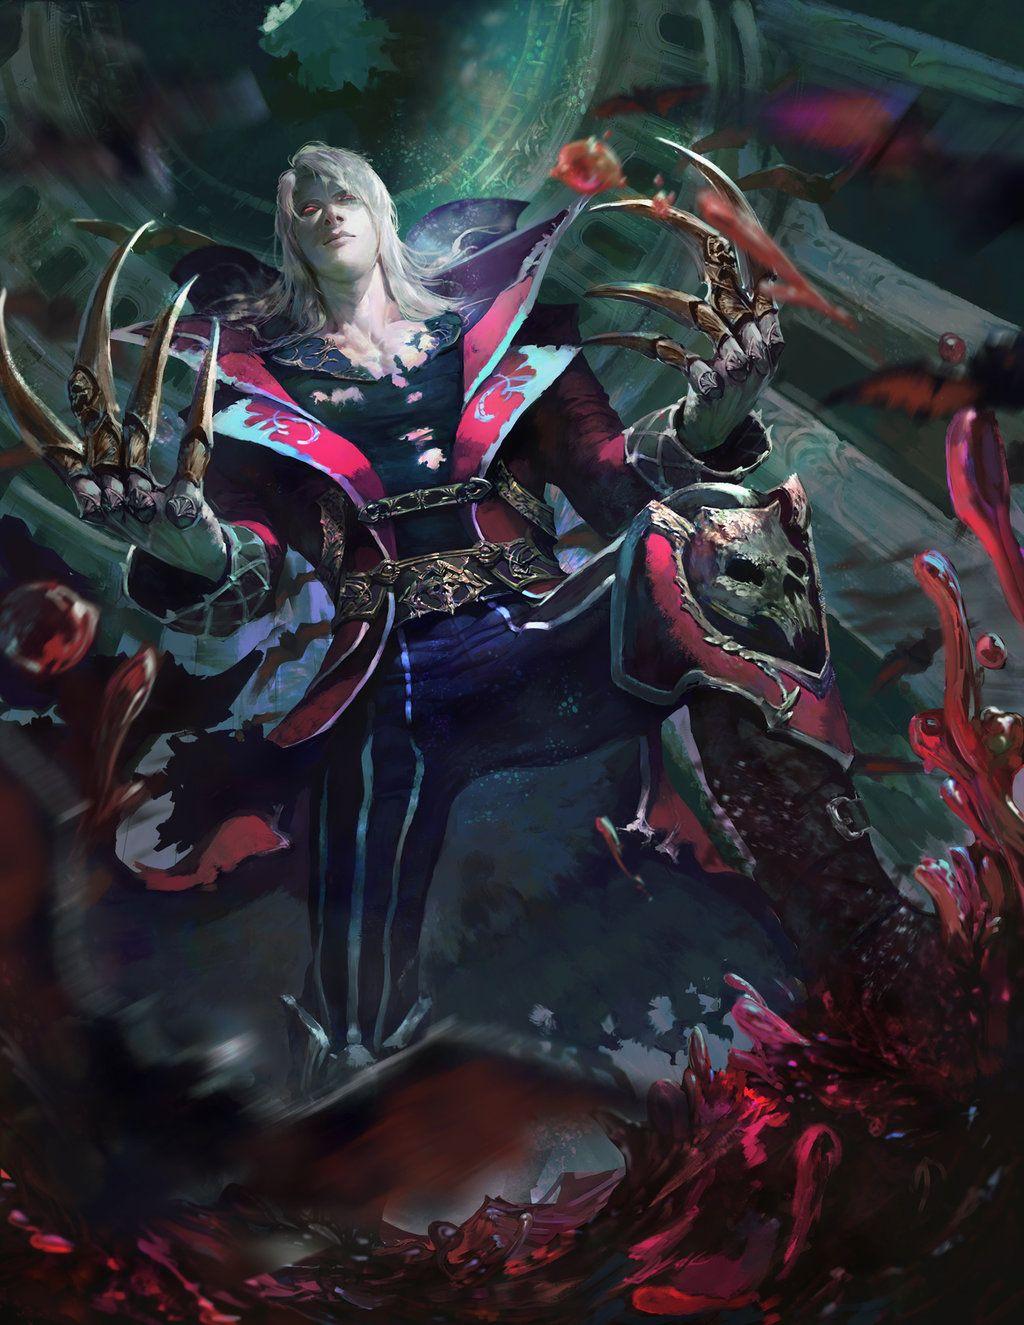 Vladimir League Of Legends Fan Art Art Of Lol Lol League Of Legends Champions League Of Legends League Of Legends